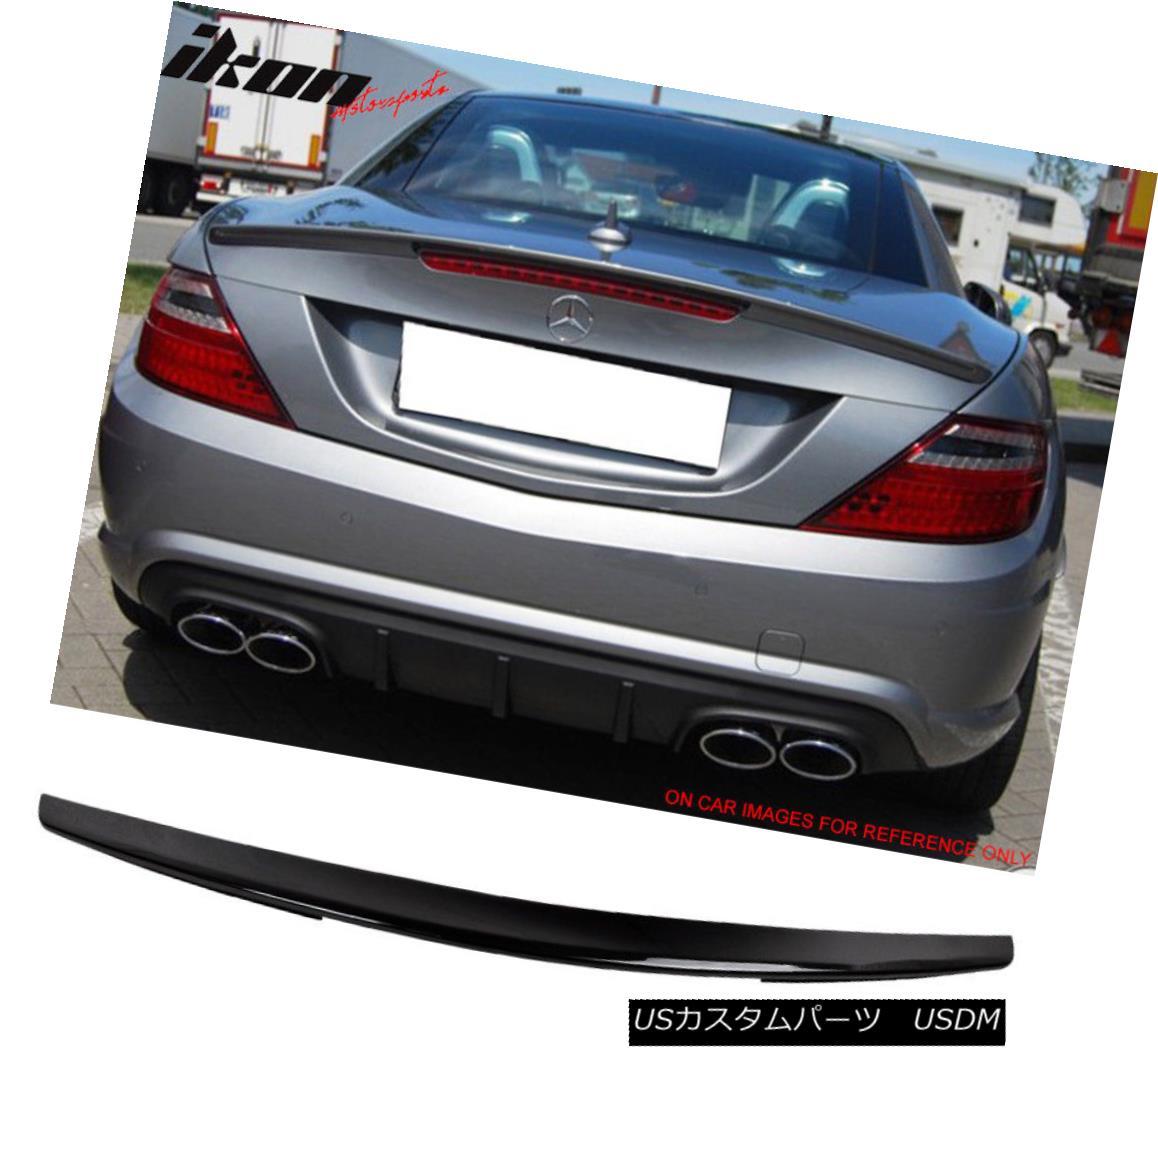 エアロパーツ Fits 11-13 SLK Class R172 Convertible 2Dr AMG Trunk Spoiler Painted #040 Black フィット11-13 SLKクラスR172コンバーチブル2Dr AMGトランク・スポイラー#040黒塗装